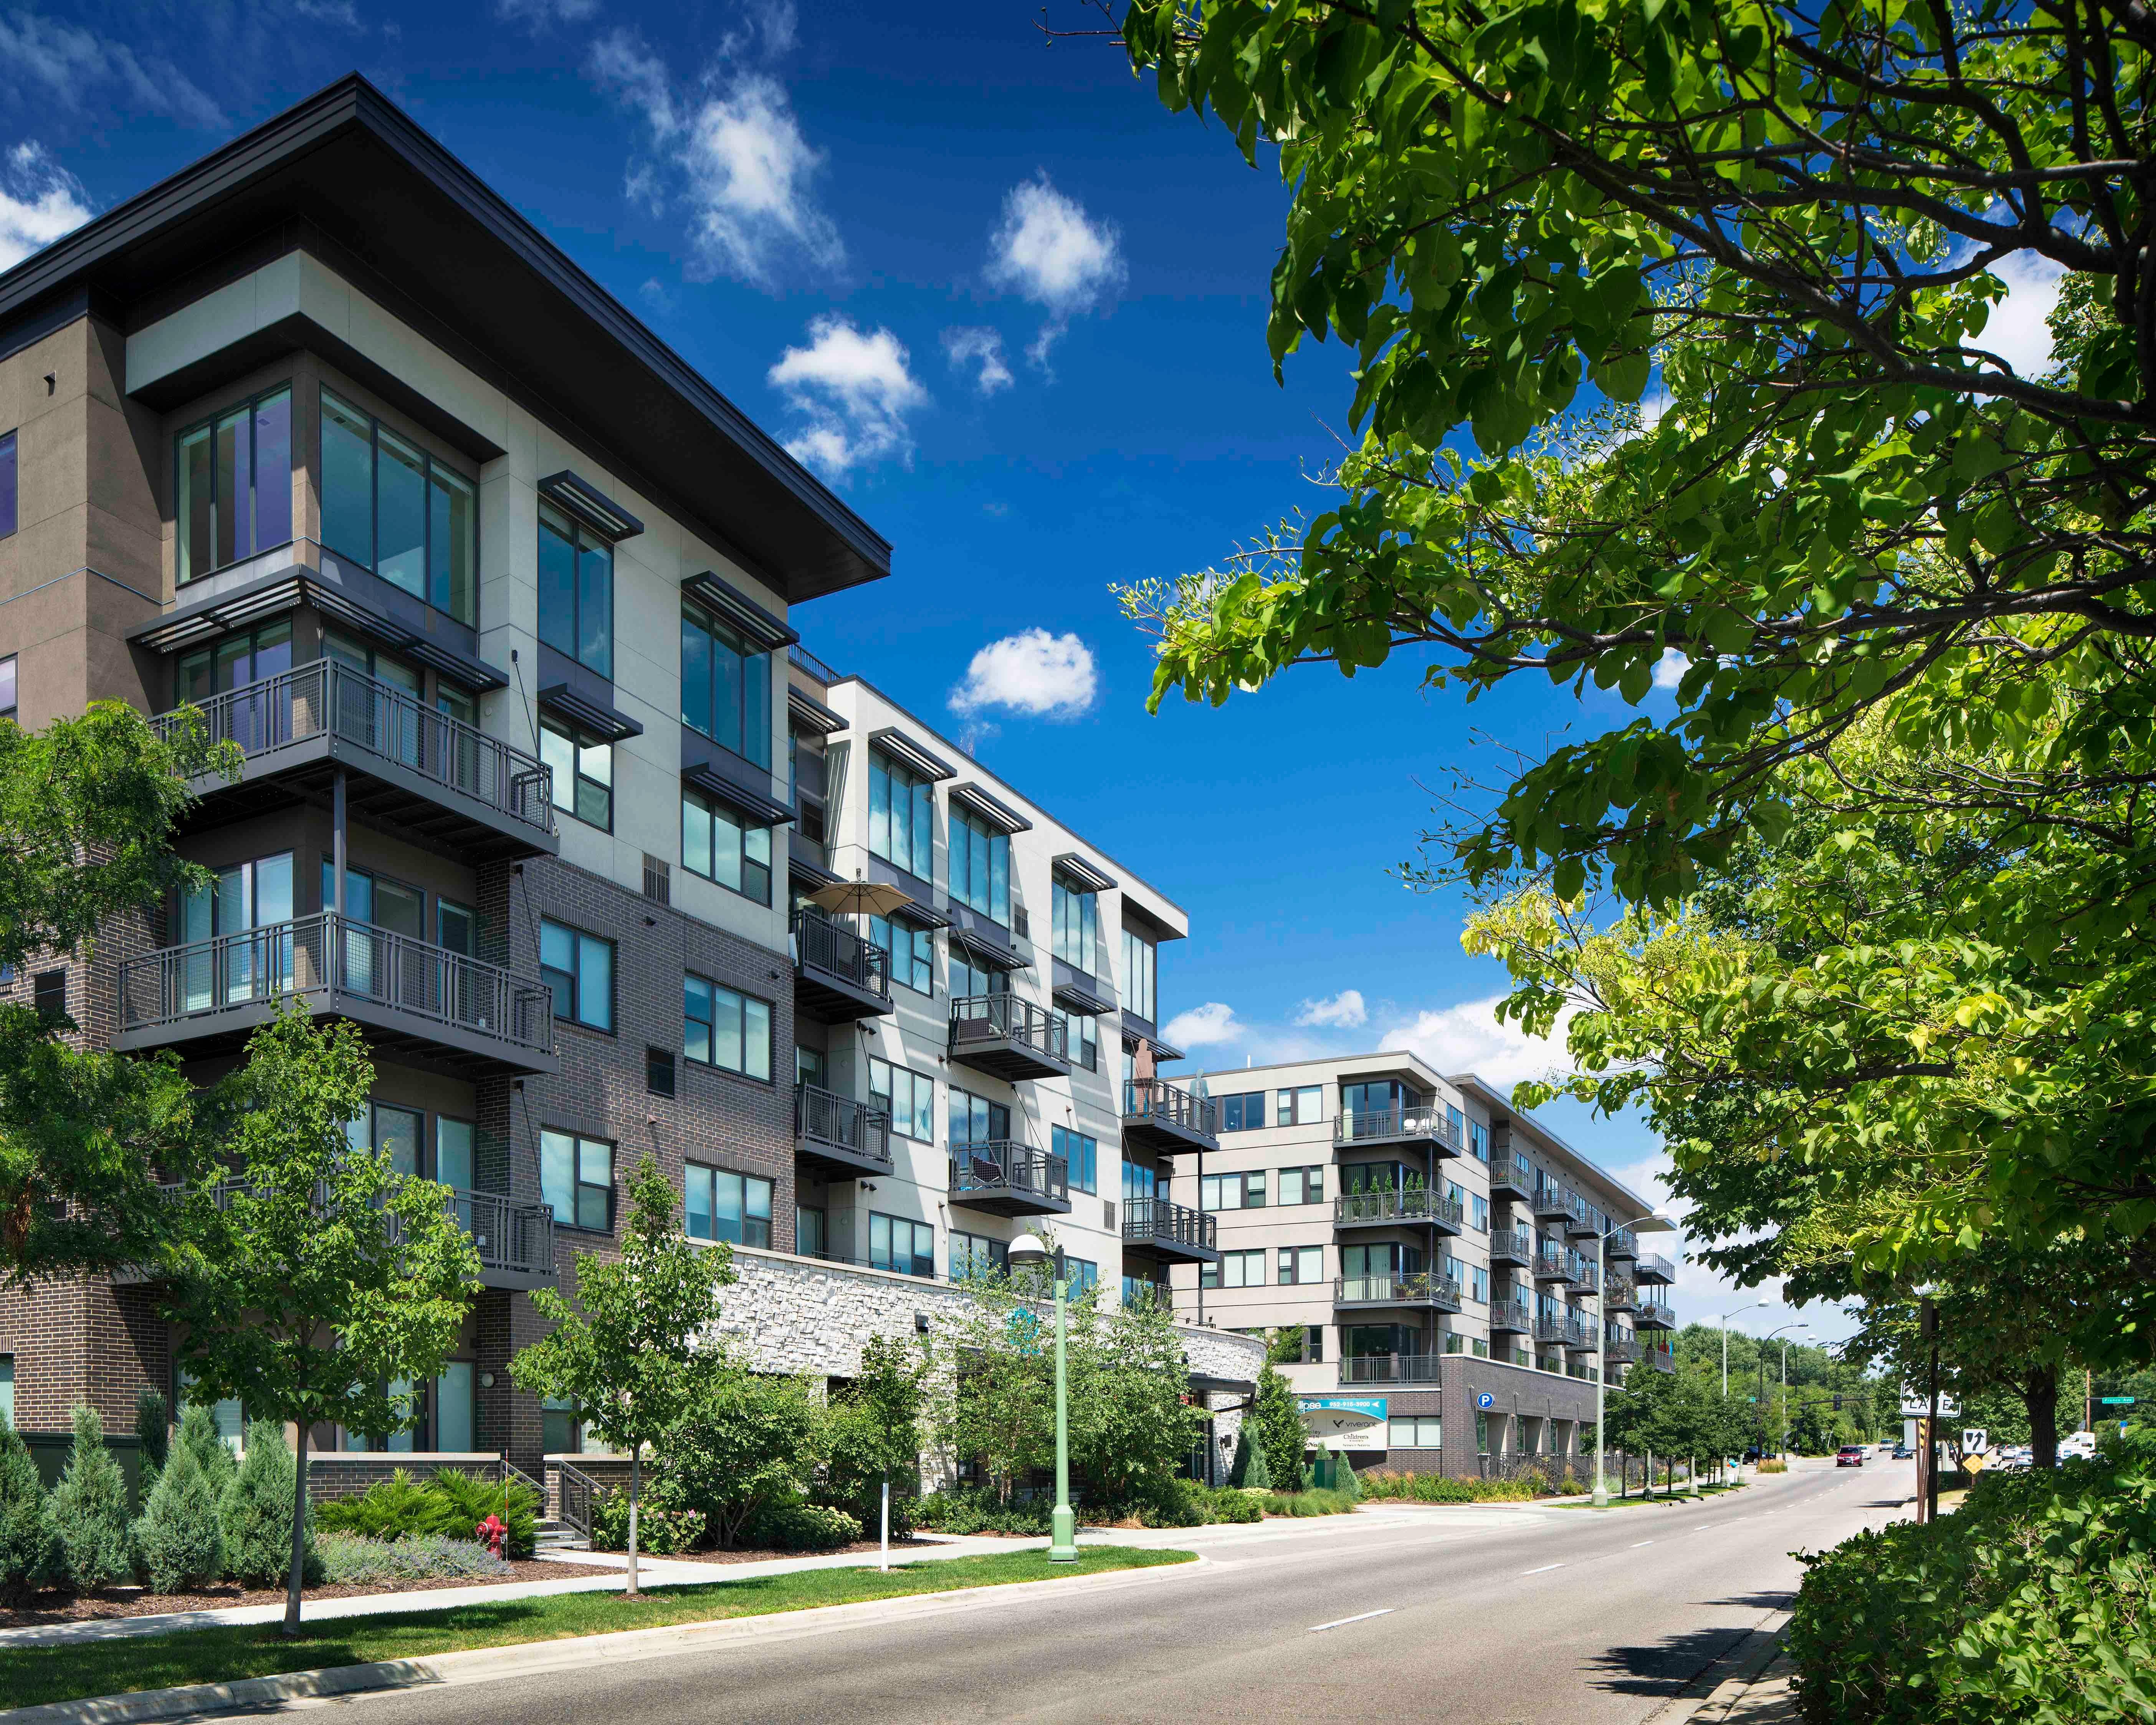 e2 Apartments | St. Louis Park, MN | DJR Architecture